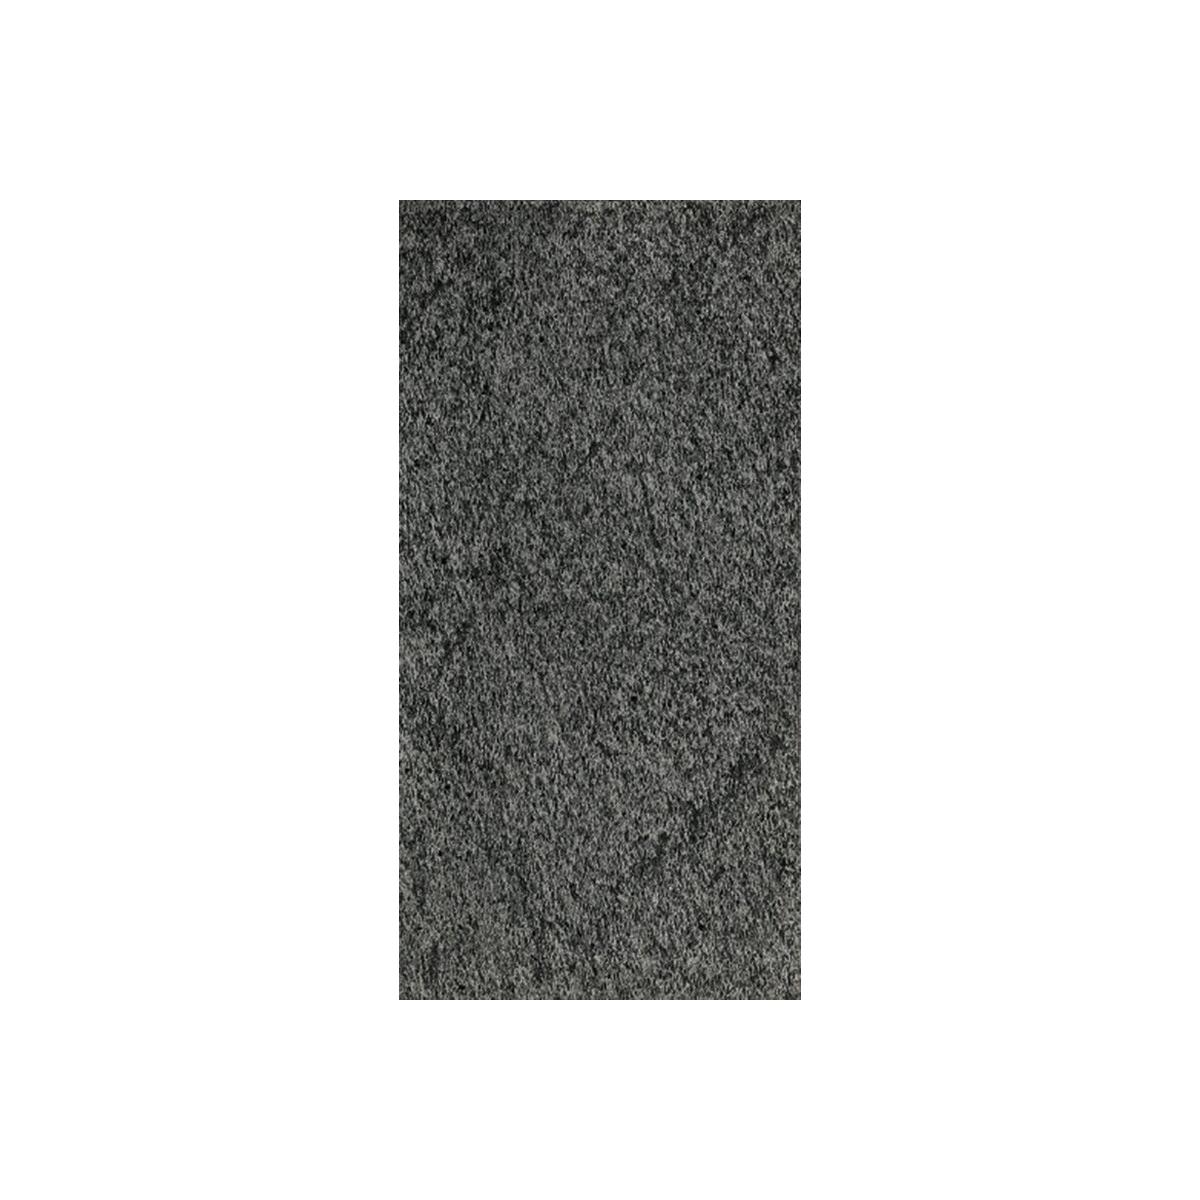 Pizarra natural flexible FS6009 / FT3009 (ud) 0